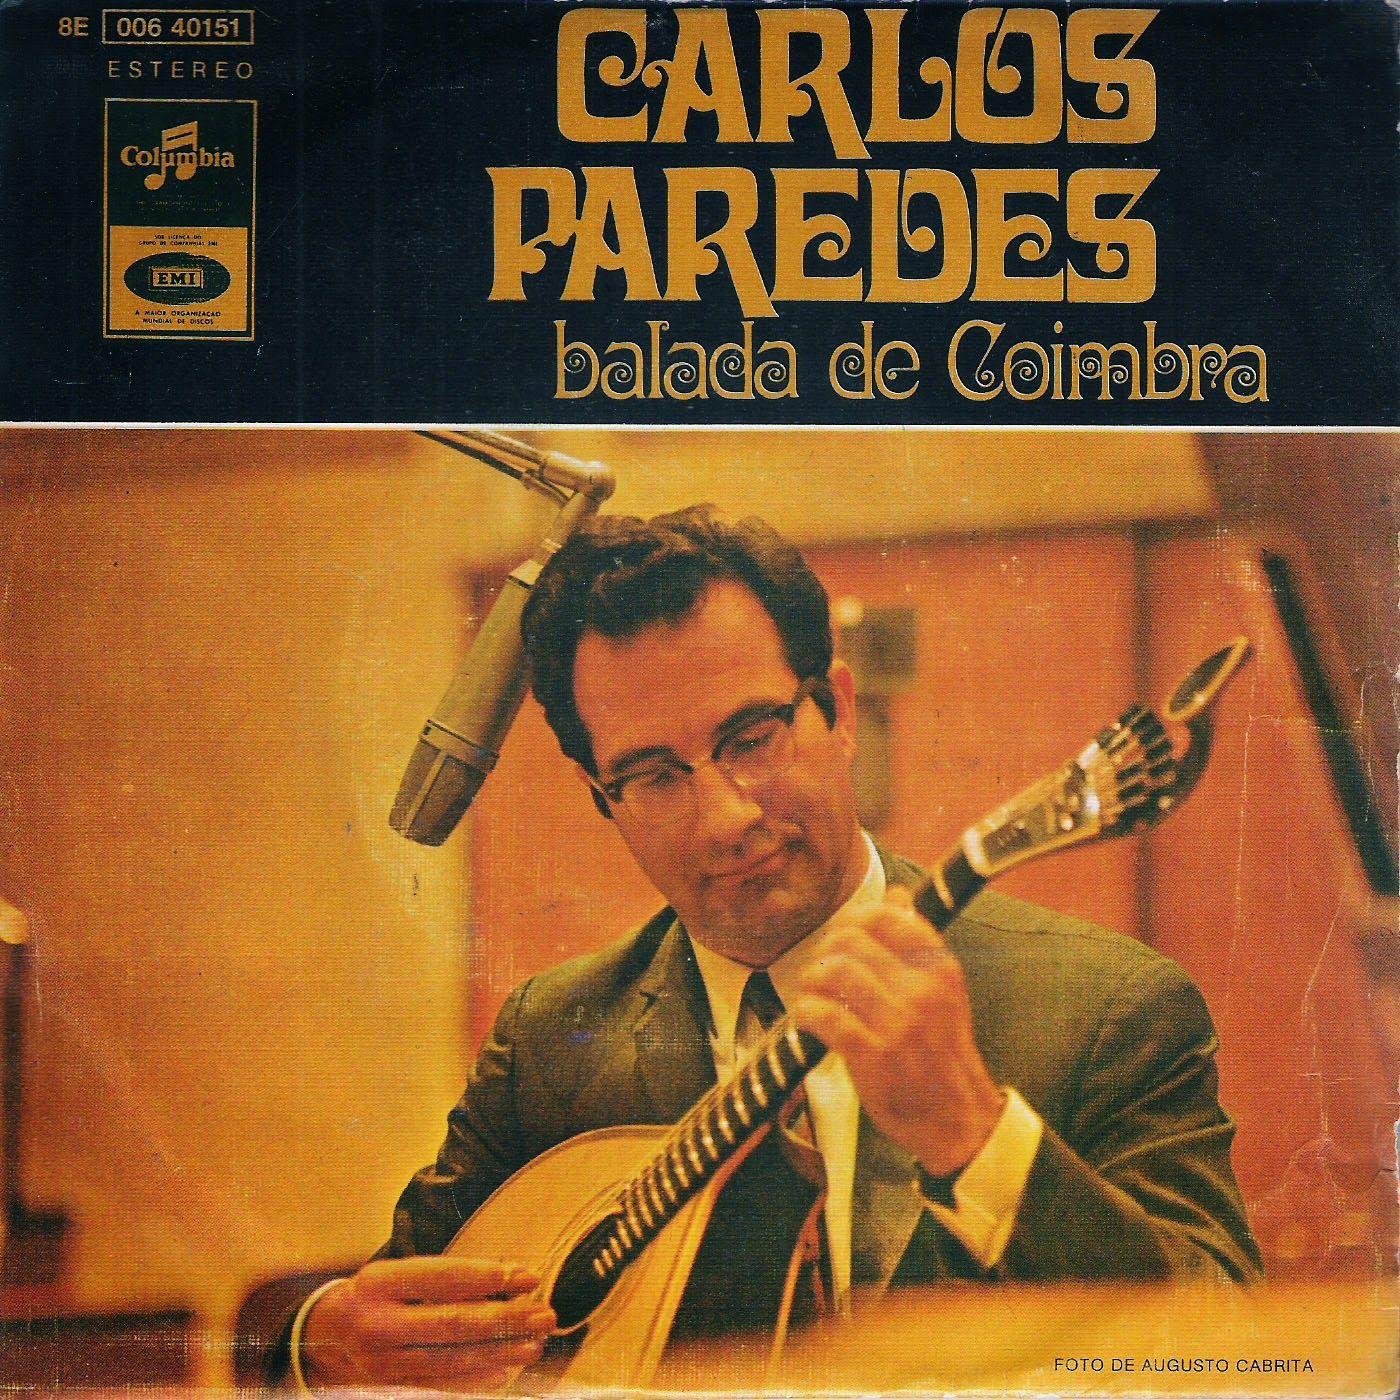 Carlos Paredes - Balada de Coimbra, 1971